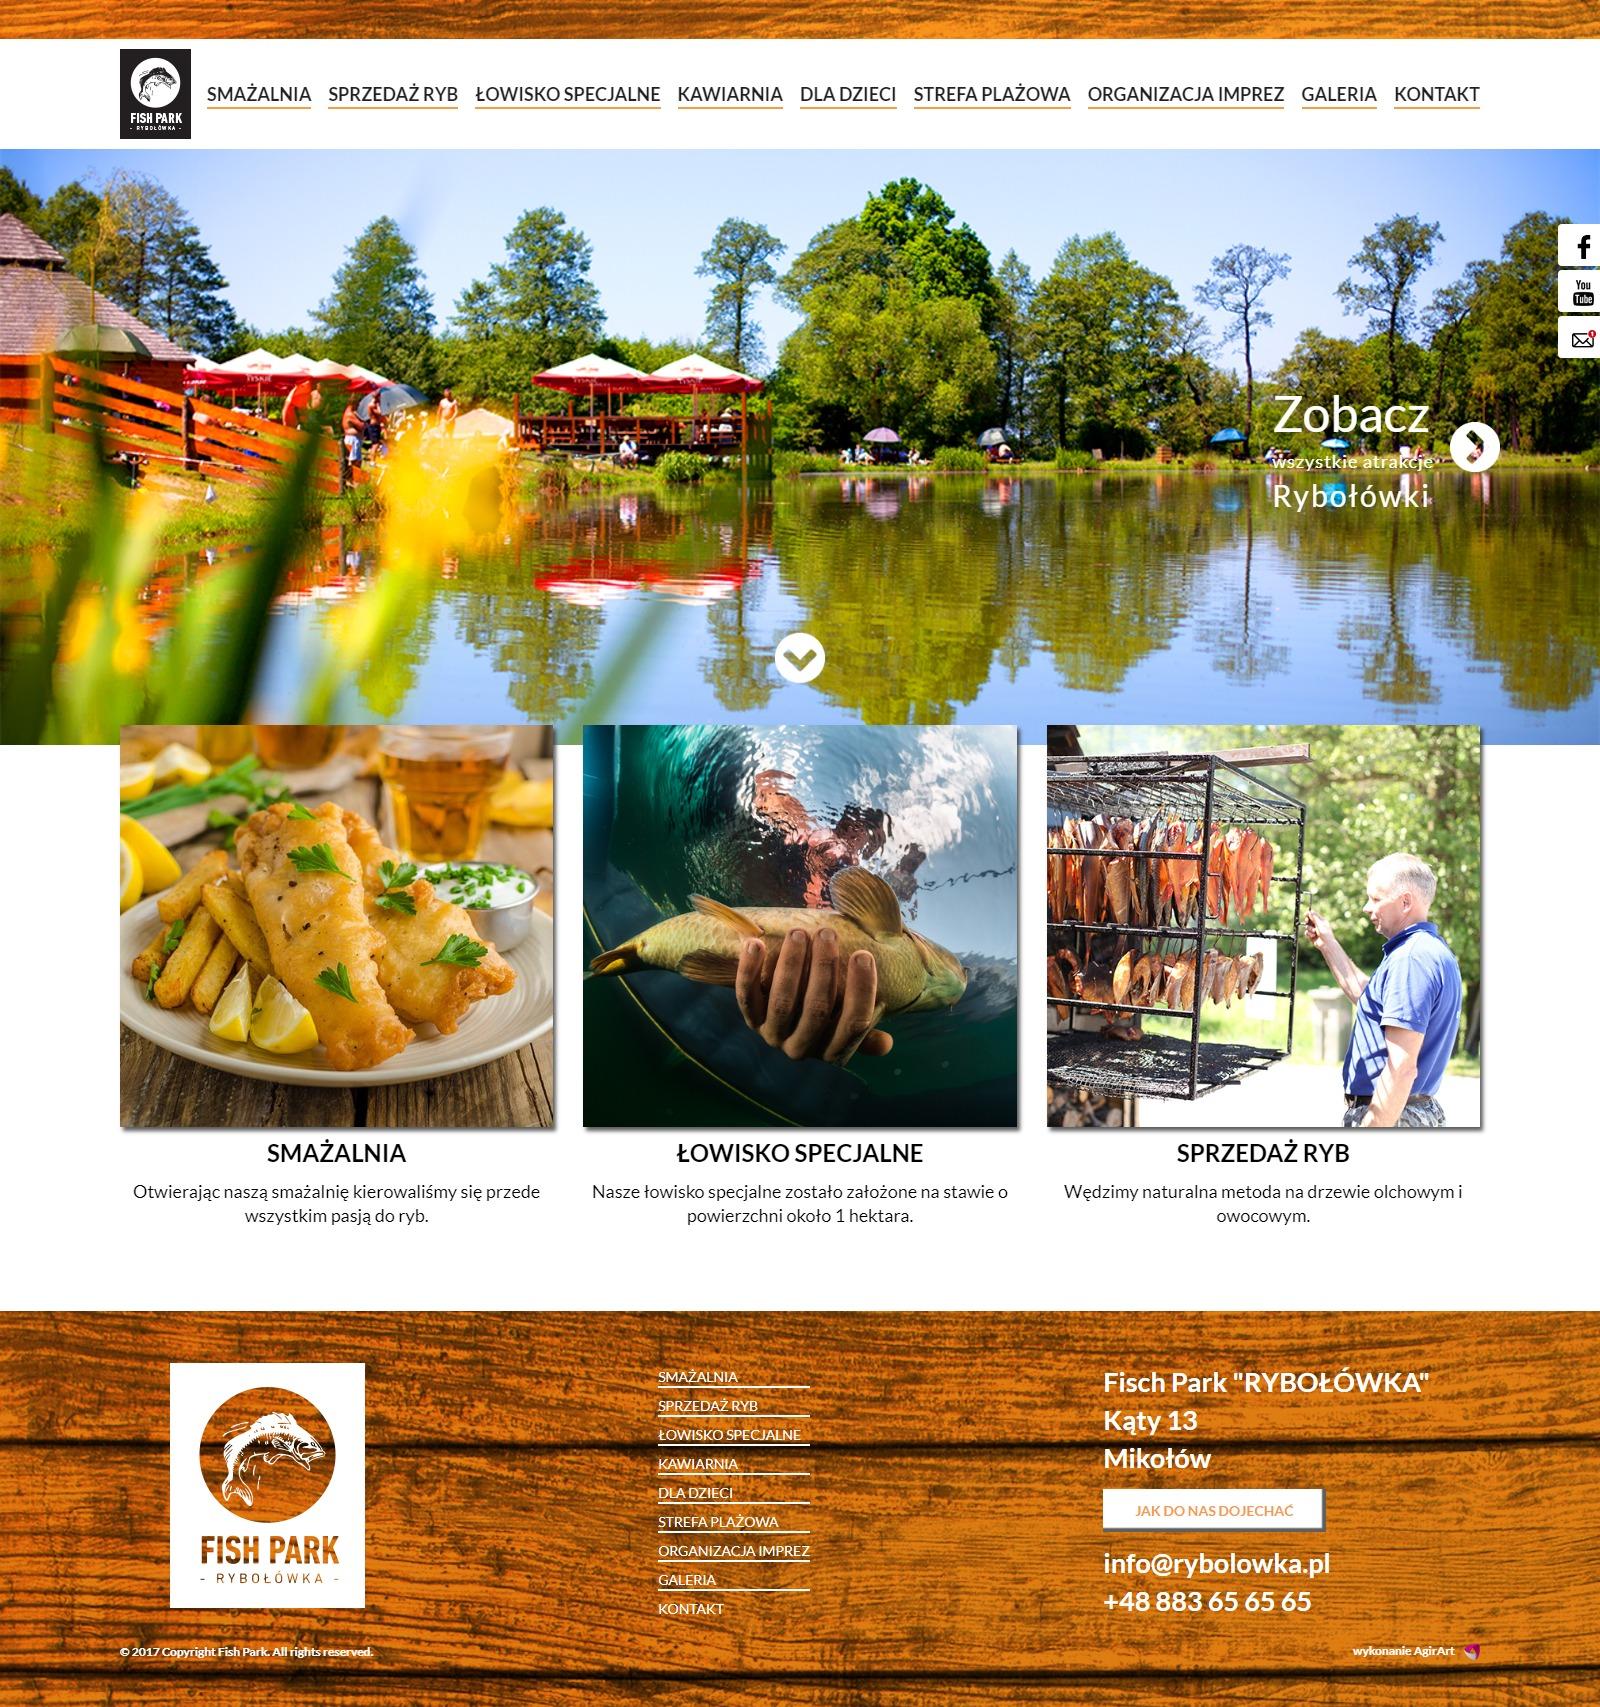 Fishpark 1